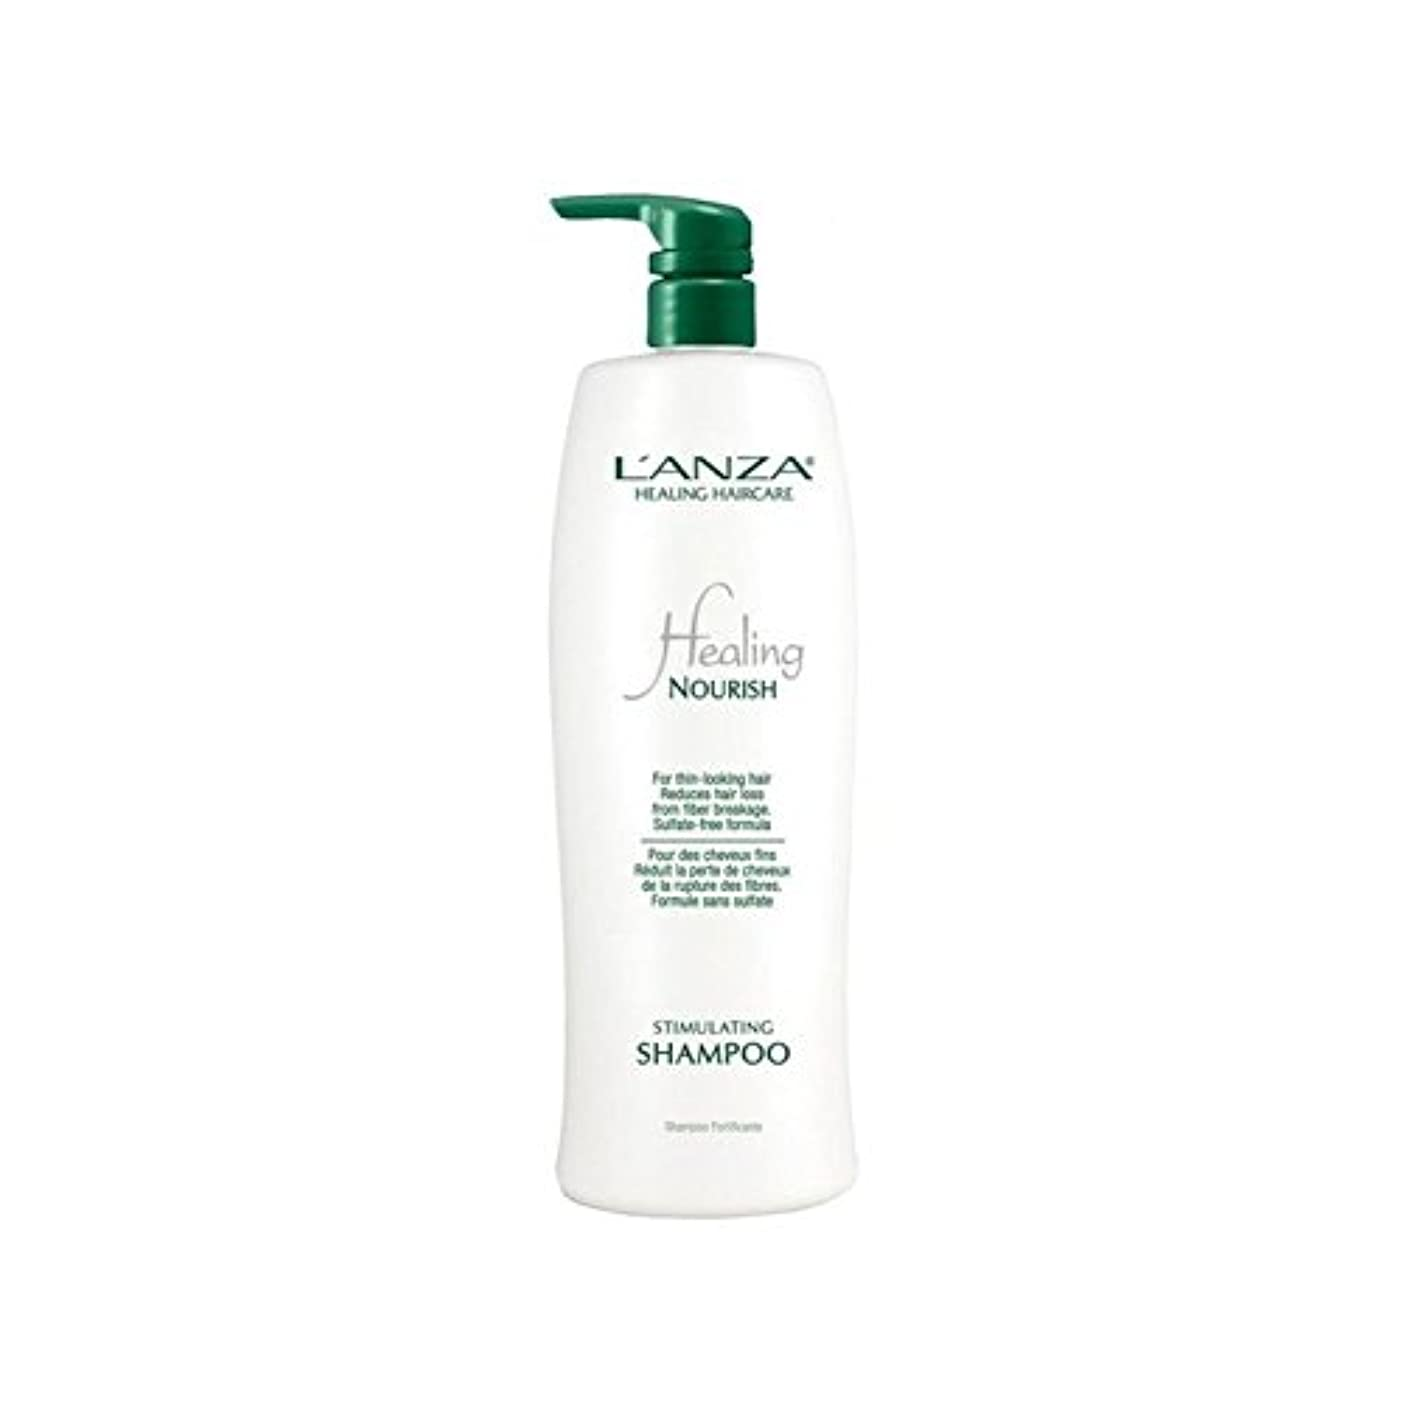 見込み言語学はっきりとランツァ治癒がシャンプー(千ミリリットル)を刺激する栄養を与えます x2 - Lanza Healing Nourish Stimulating Shampoo (1000ml) (Pack of 2) [並行輸入品]